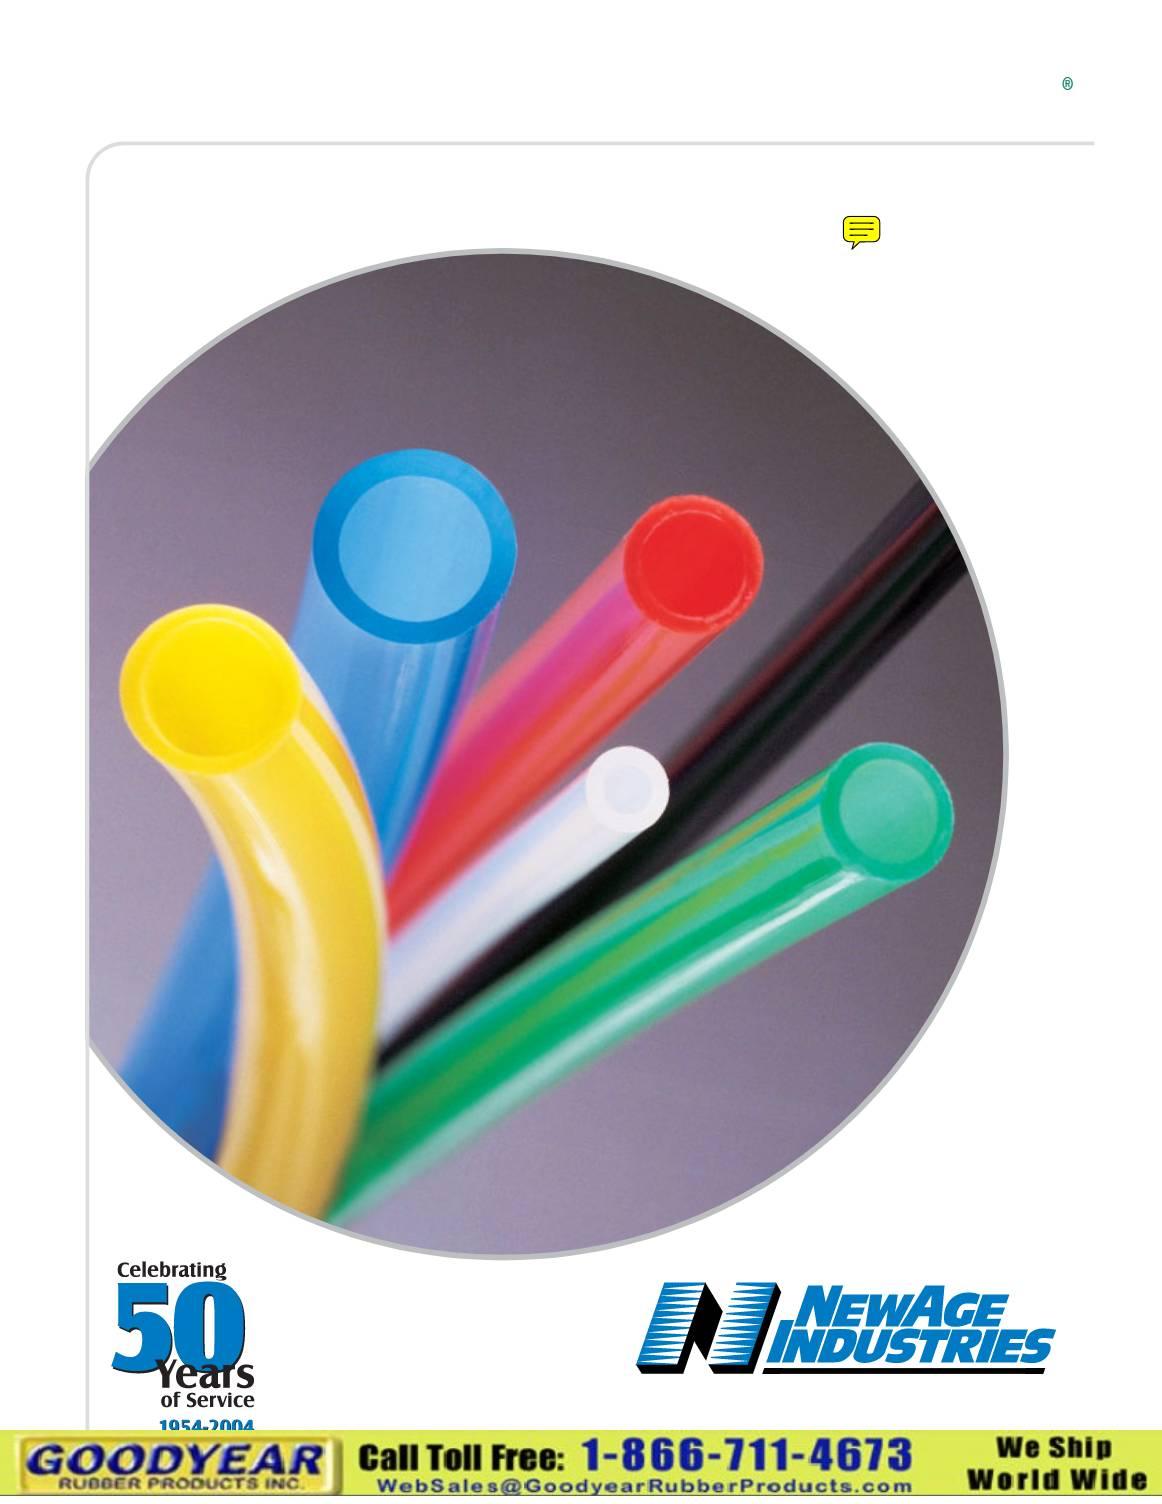 Newage Nylon Tubing